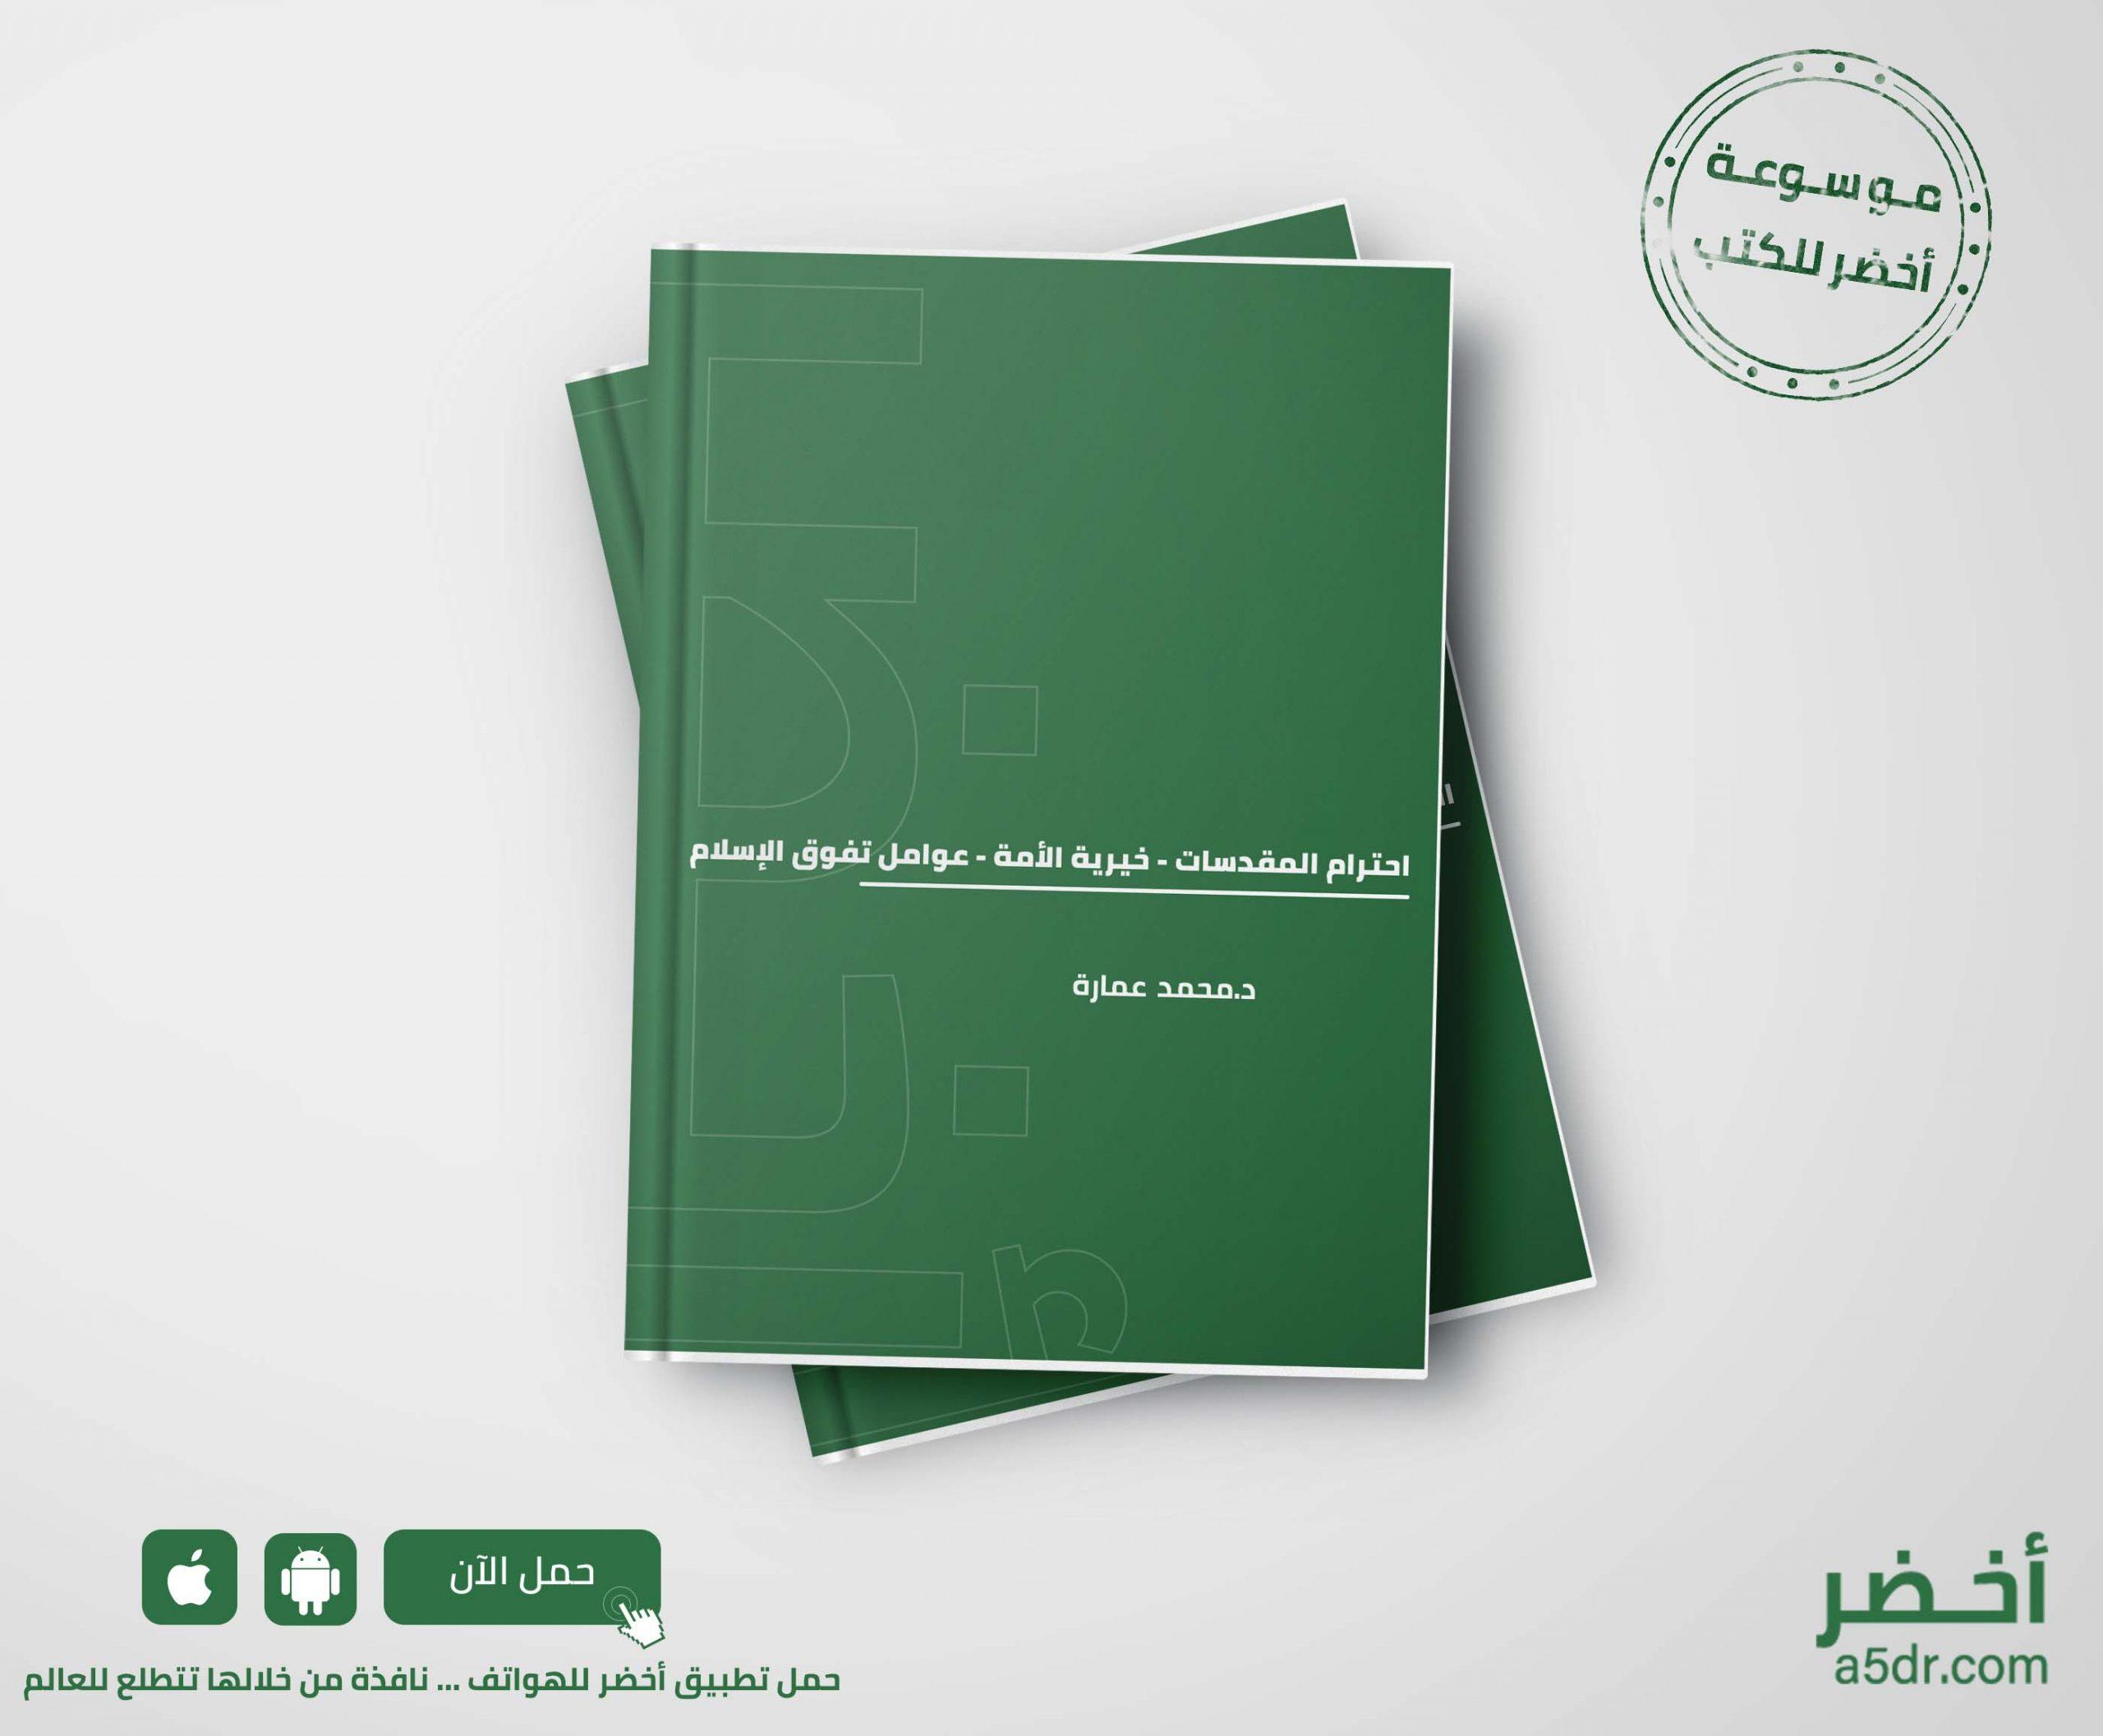 كتاب احترام المقدسات - خيرية الأمة - عوامل تفوق الإسلام - محمد عمارة